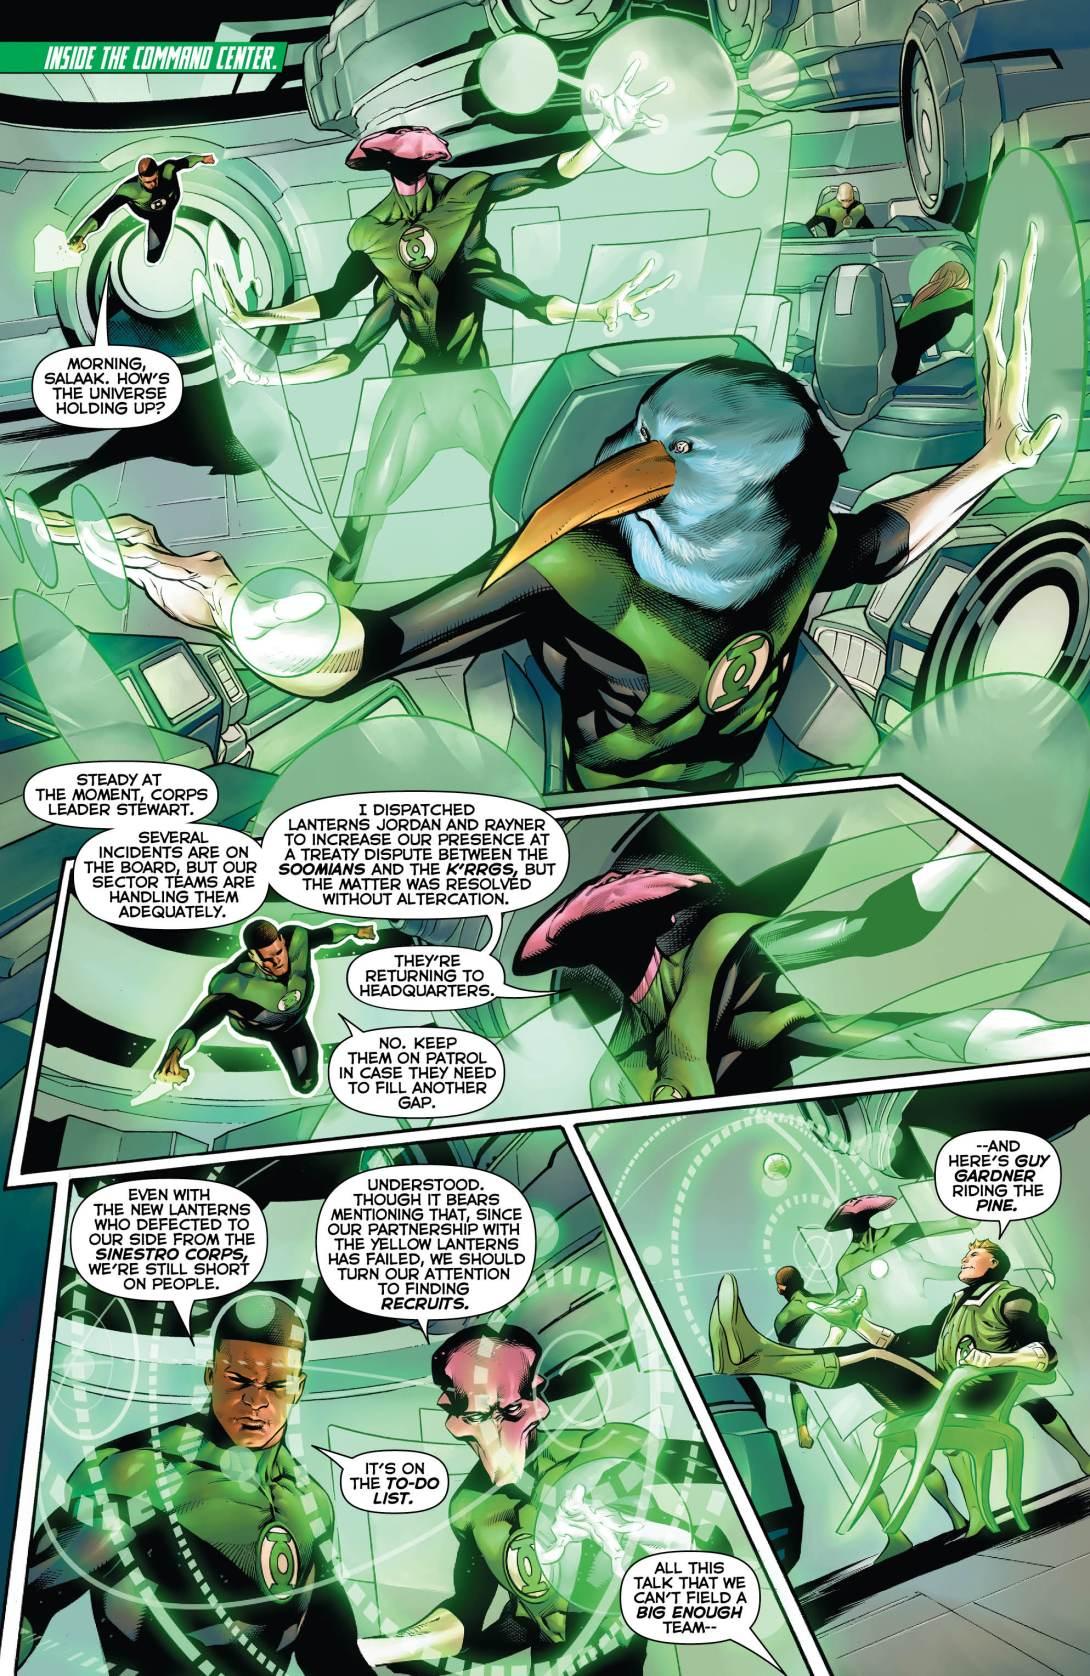 Hal GL Corps - 4 - DC Comics News